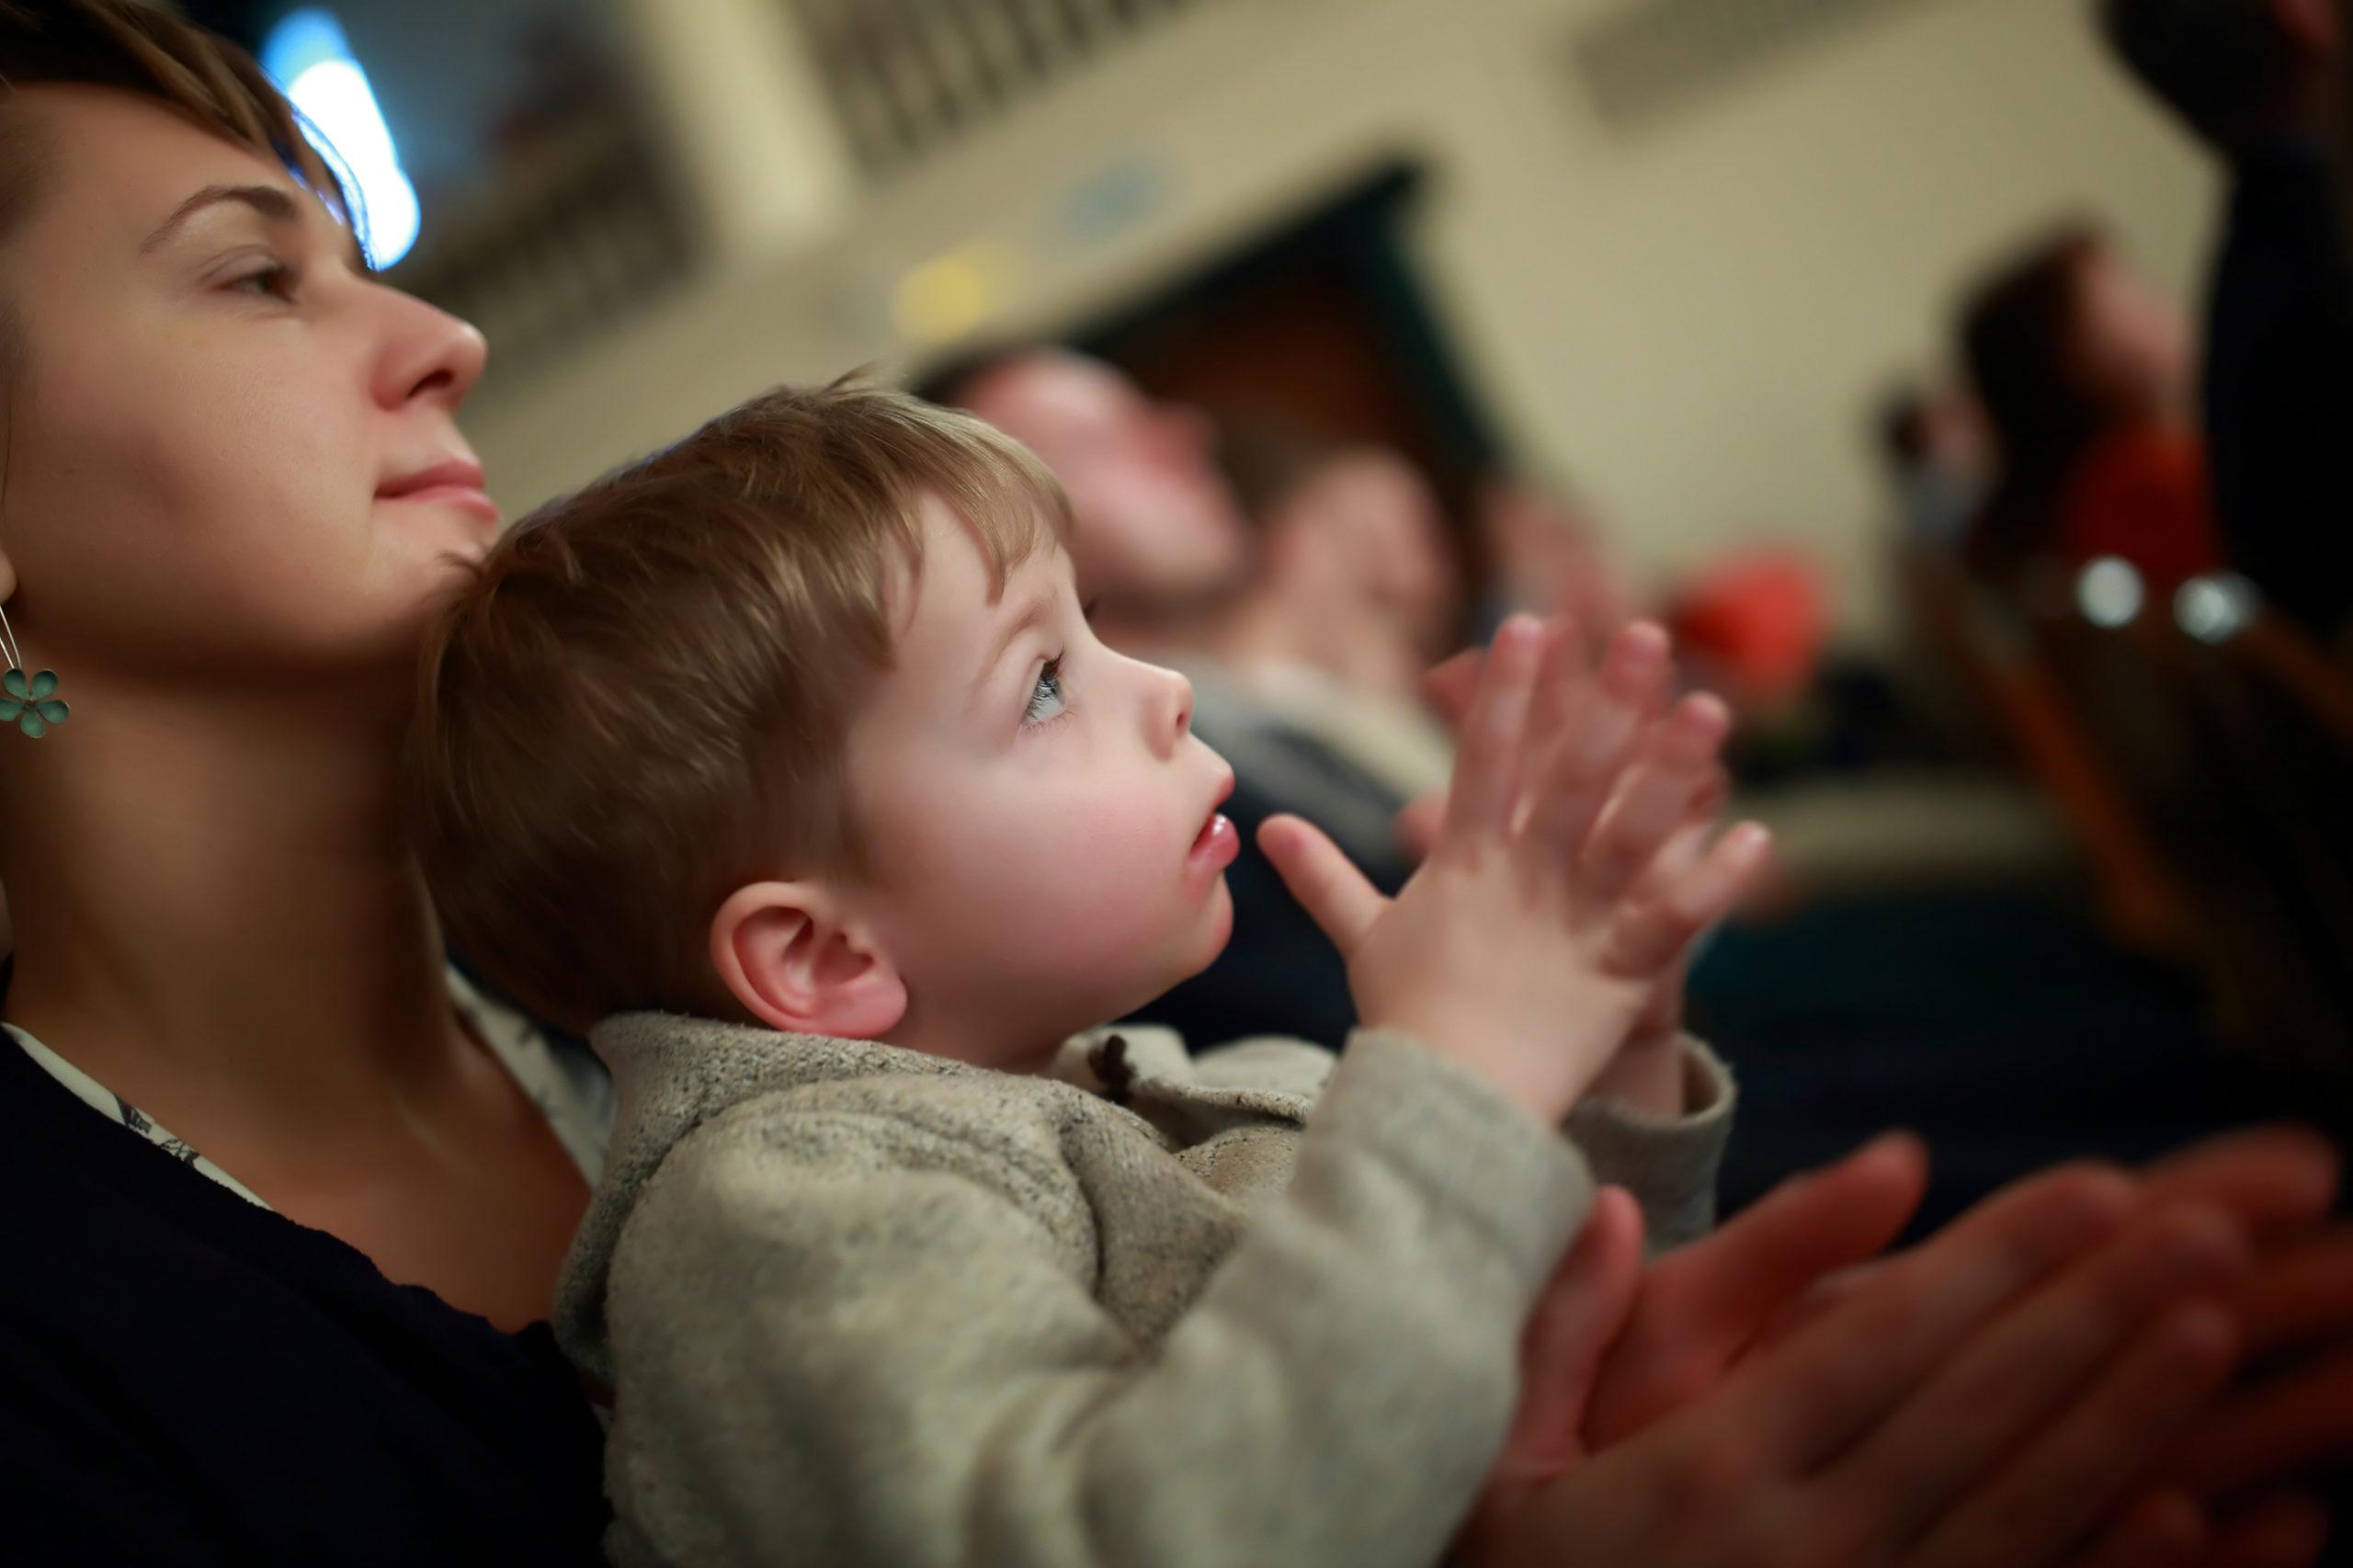 stock - child praying 2